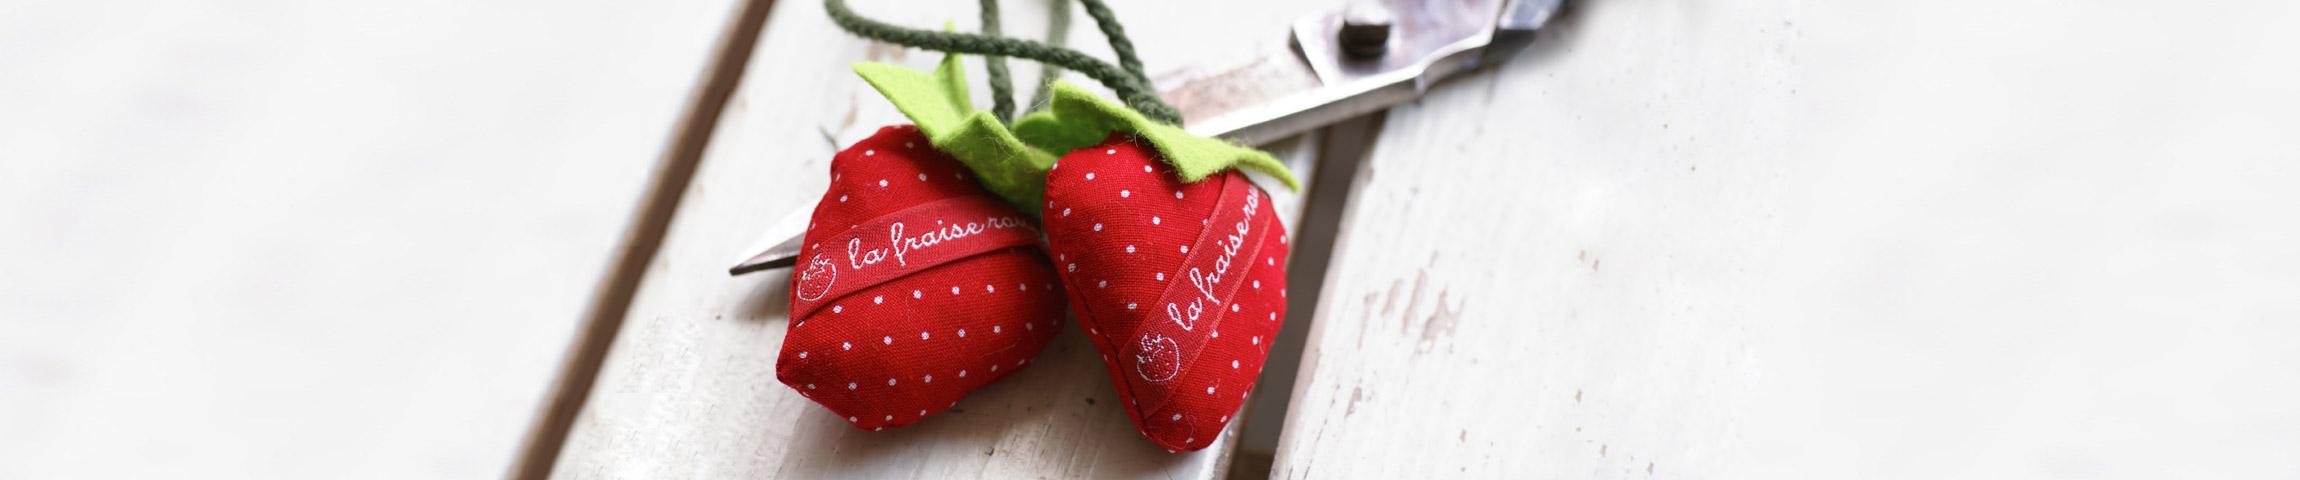 Banner Startseite la fraise rouge